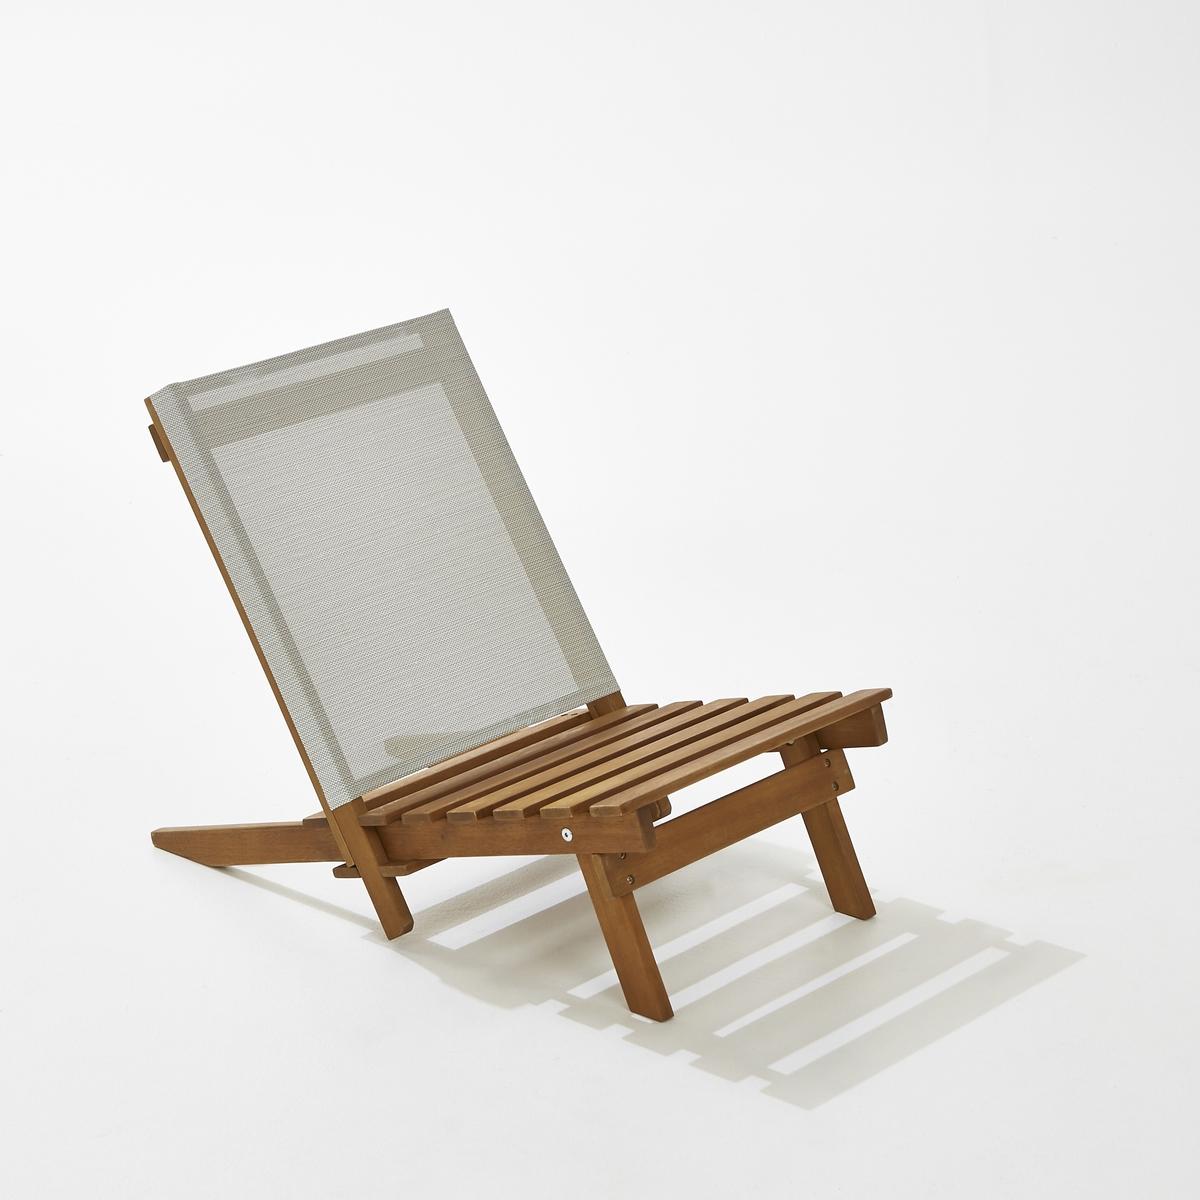 Стул низкий пляжный из акацииОписание стула  :               Низкий стул                 Из акации                 Отделка под тик              Спинка из полиэстеровых волокон с покрытием ПВХ                              Размер стула  :               40 x 68 x 53 см                        Доставка:               Низкий стул продается в собранном виде . Доставка на дом с возможностью подъёма на этаж.Внимание! Убедитесь, что товар возможно доставить на дом, учитывая его габариты (проходит в двери, по лестницам, в лифты).                              Размеры с упаковкой :               1 упаковкаД93 x В15 x Г43,5  см, 7кг<br><br>Цвет: серый жемчужный<br>Размер: единый размер